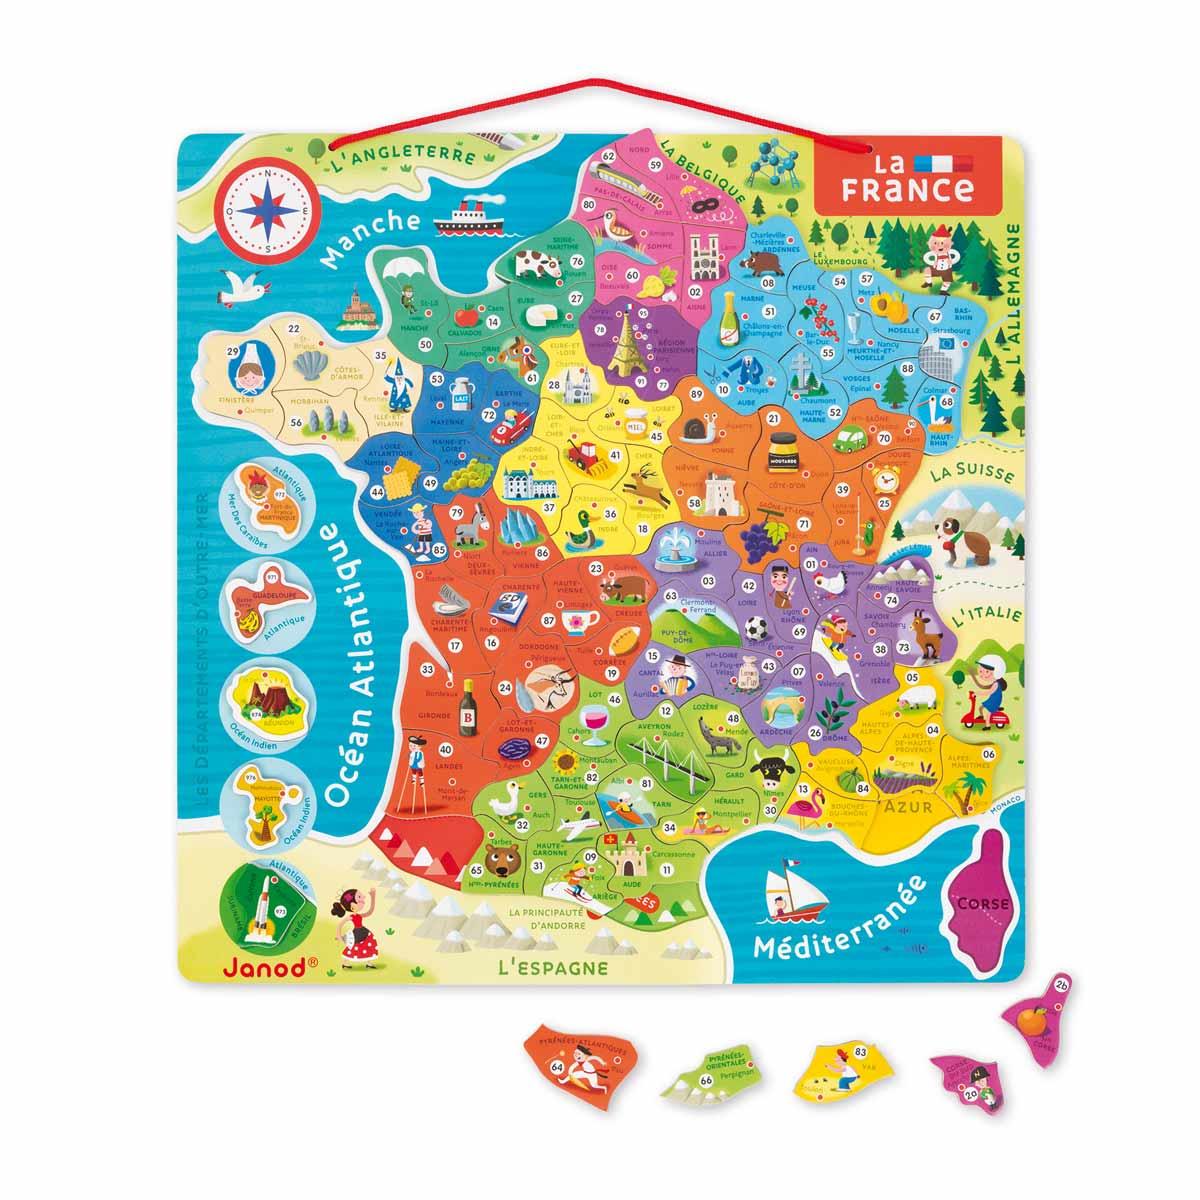 Carte De France Janod | My Blog concernant Carte De France Pour Enfant